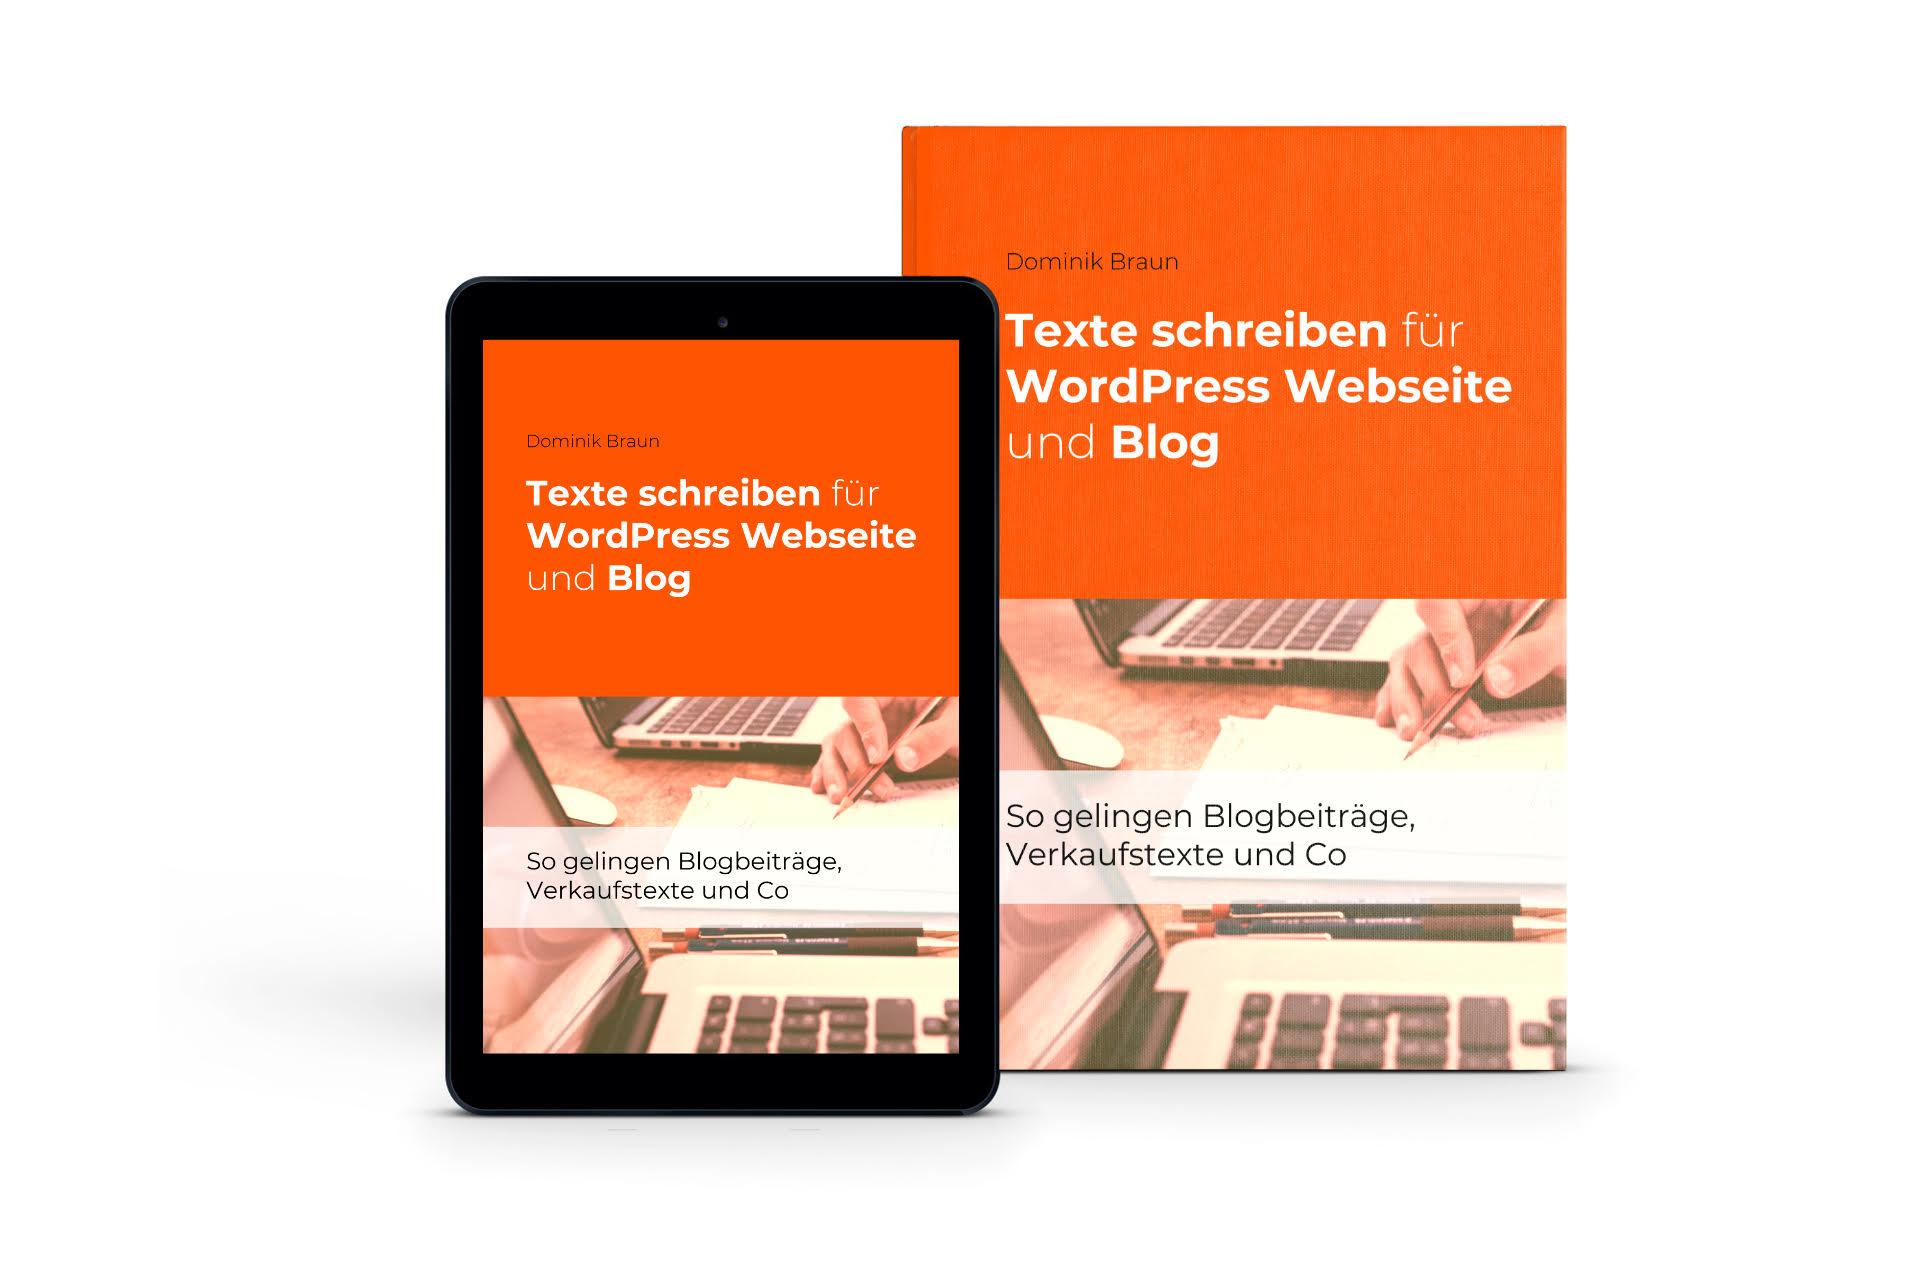 Texte schreiben für WordPress Webseite und Blog MOCKUP 3D groß